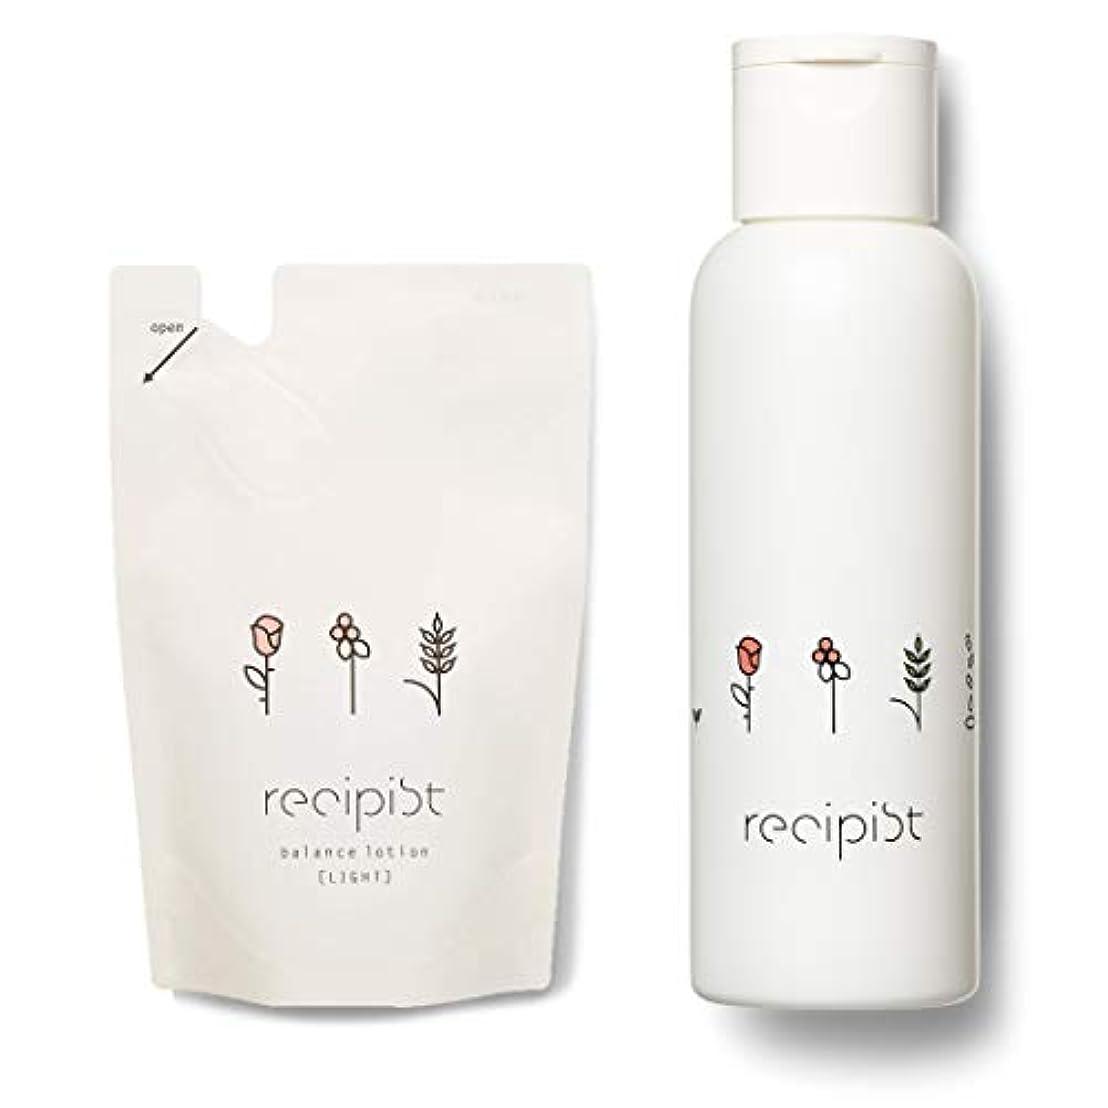 ネスト言語ホイストレシピスト バランスととのう化粧水 ライト (さっぱり) 詰め替え用 180mL + 選べるボトル (ホワイト) 自然由来成分